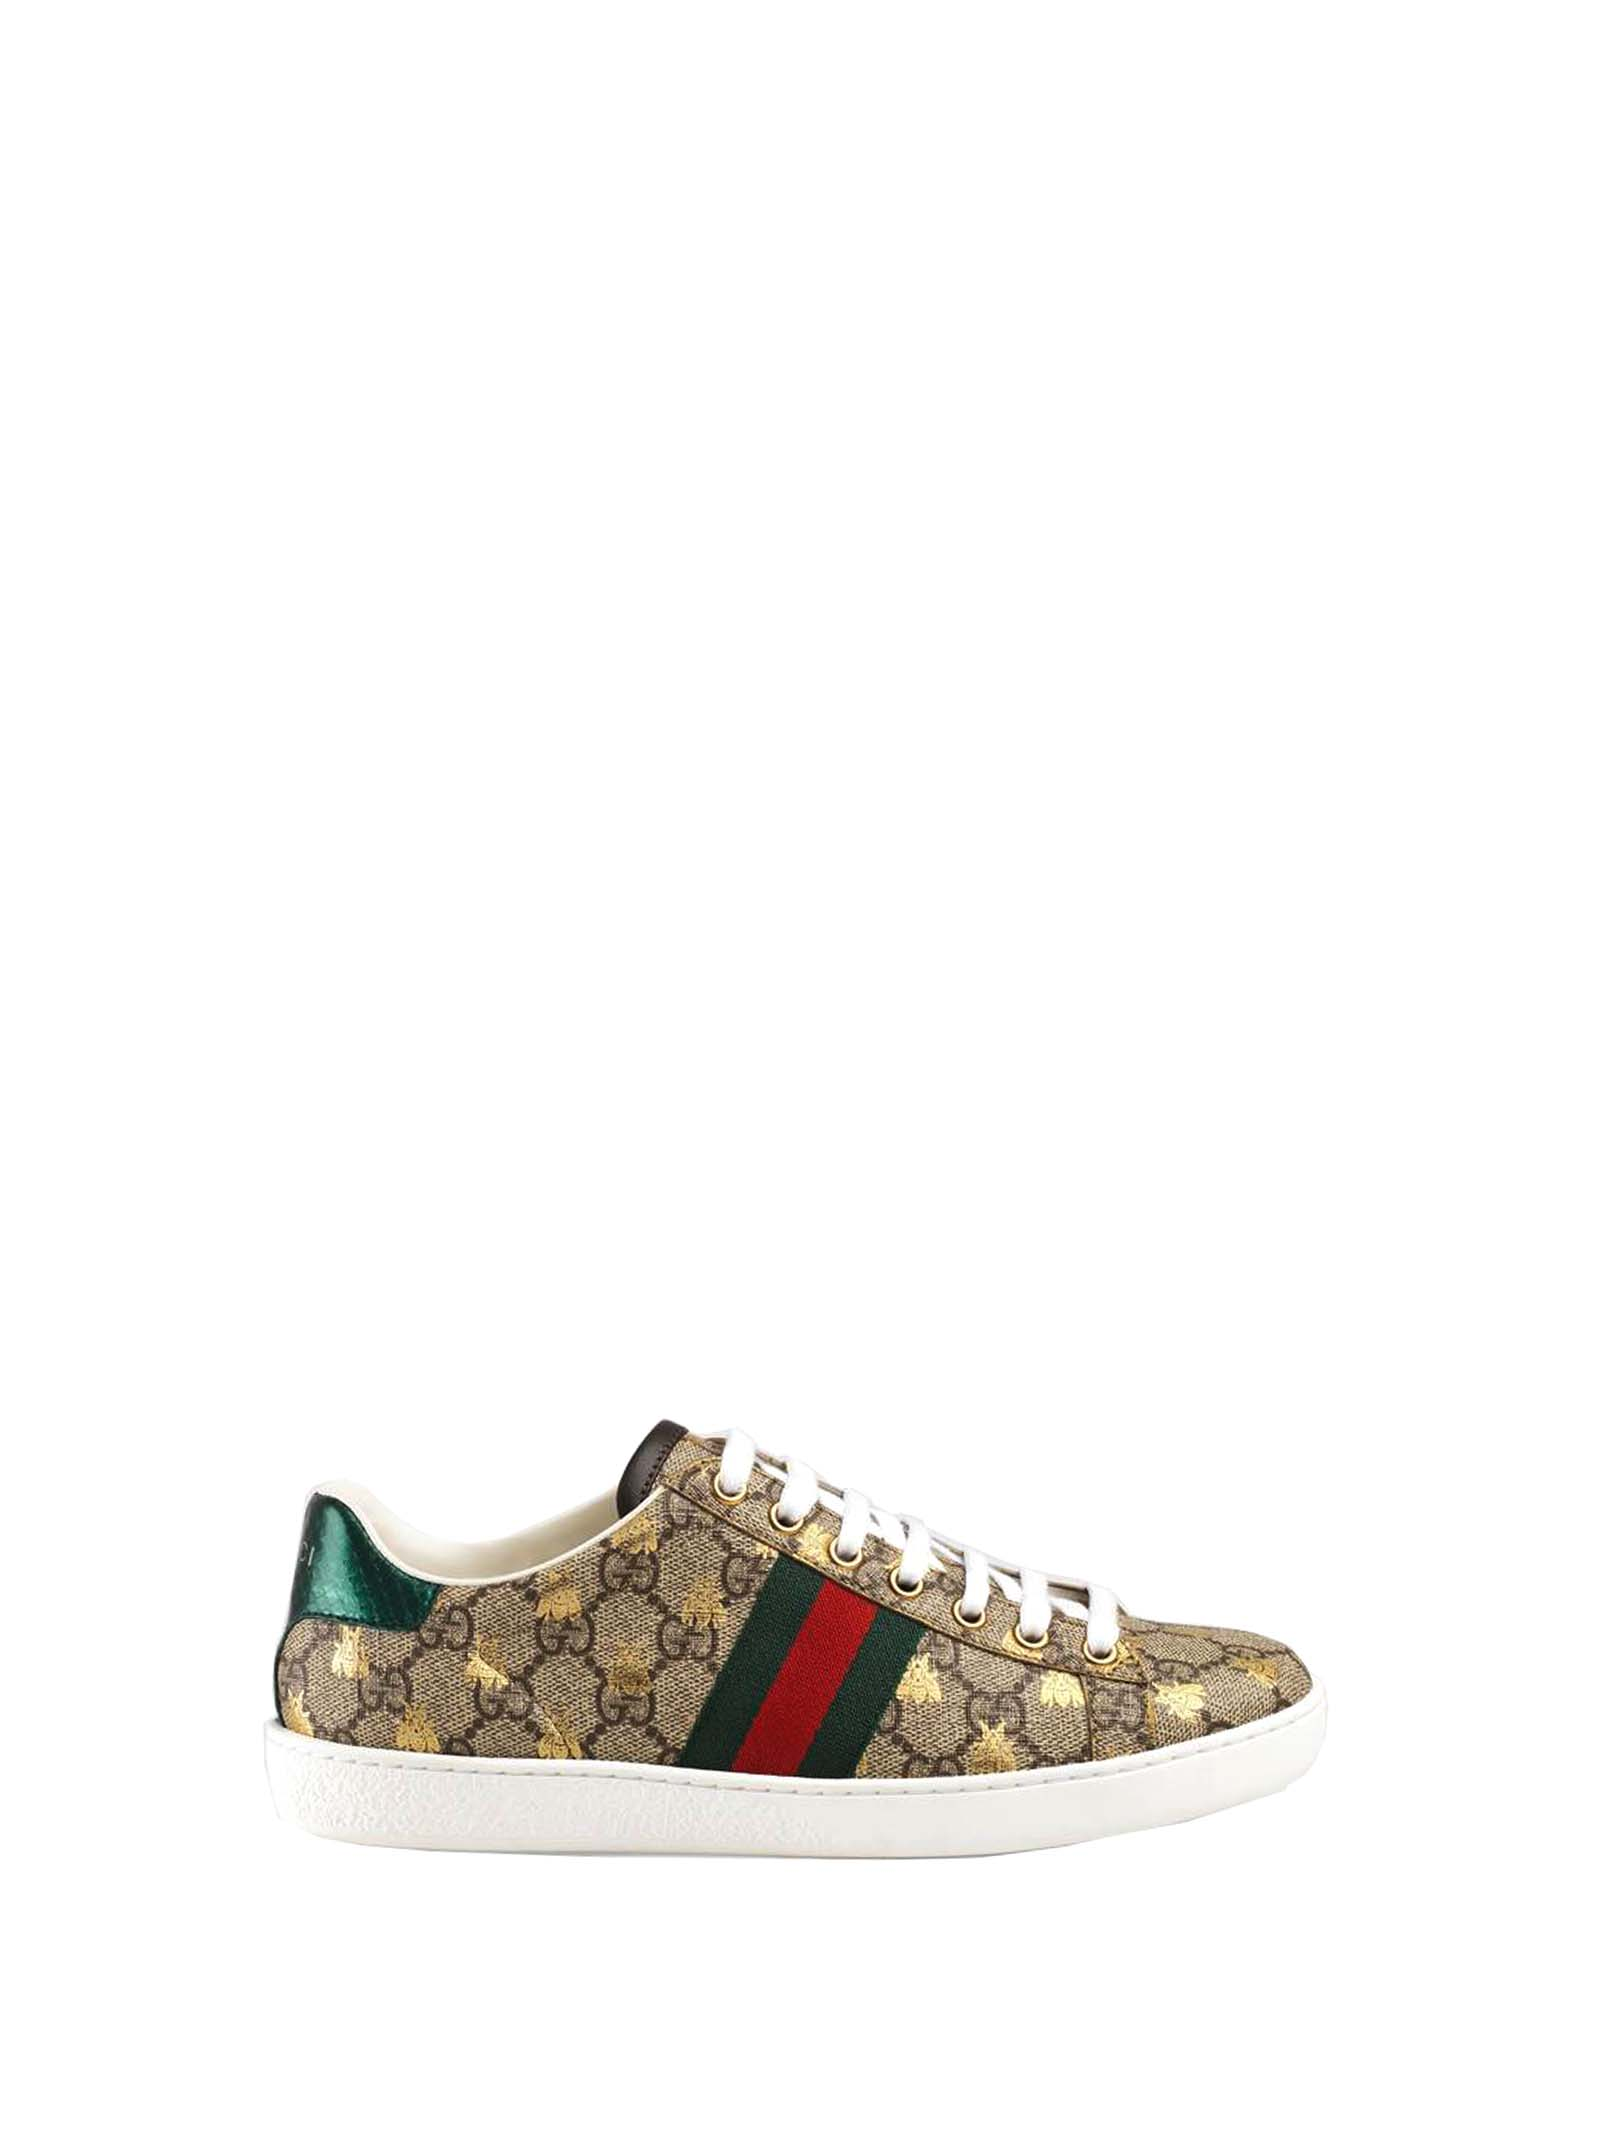 dda7623d893 Gucci Gucci Gucci Gg Supreme Ace Sneakers - Basic - 10885475